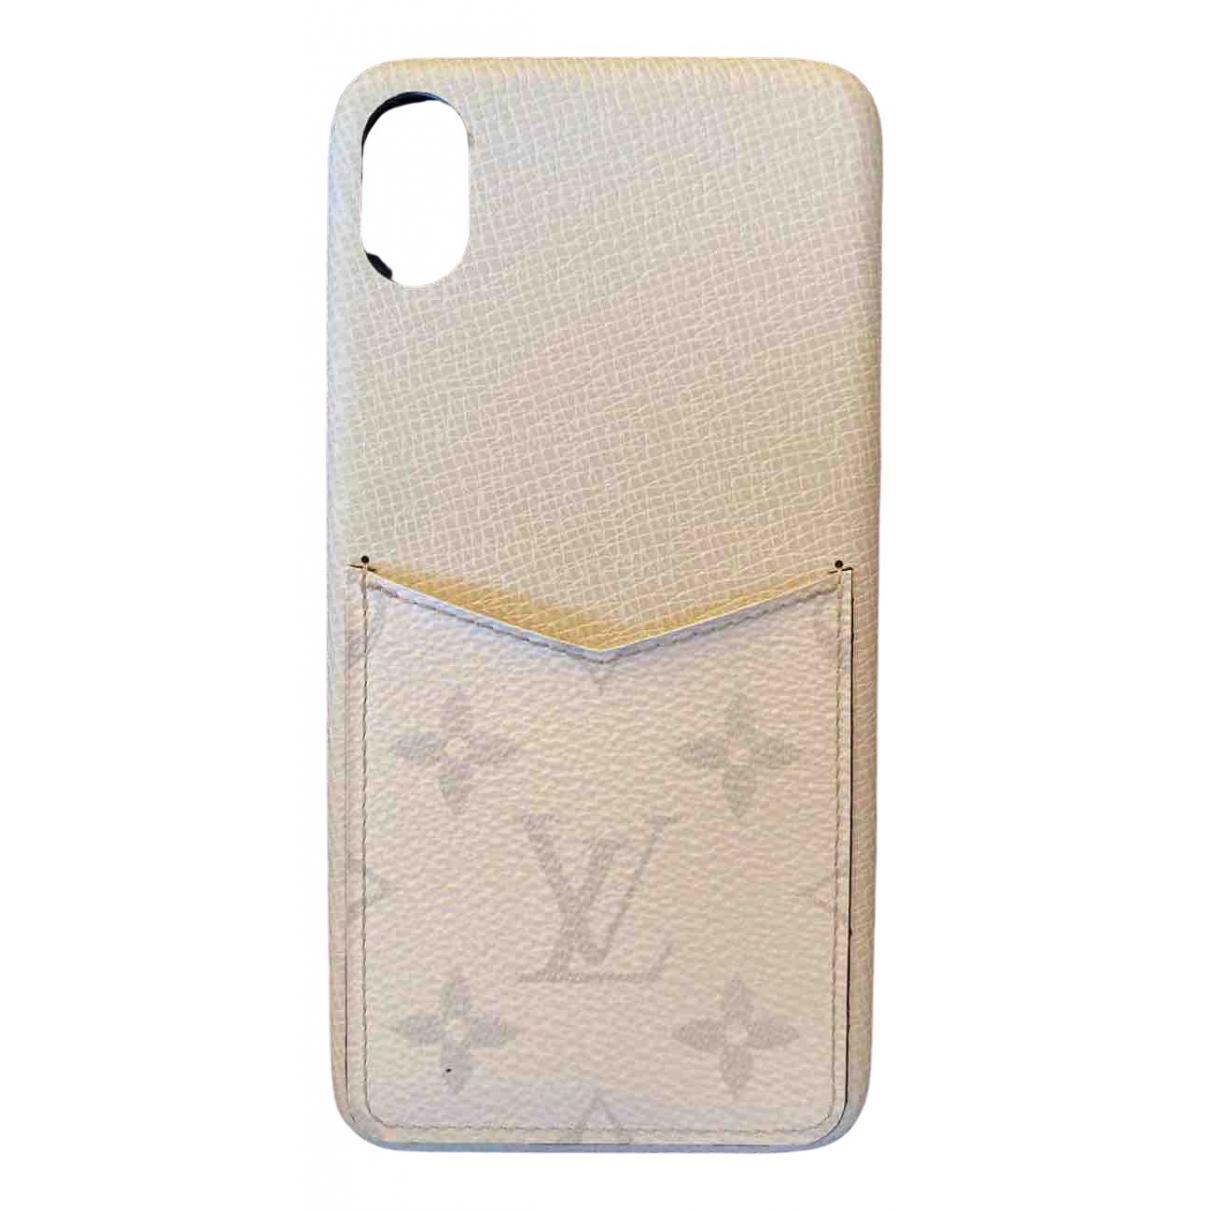 Louis Vuitton - Accessoires   pour lifestyle en cuir - beige